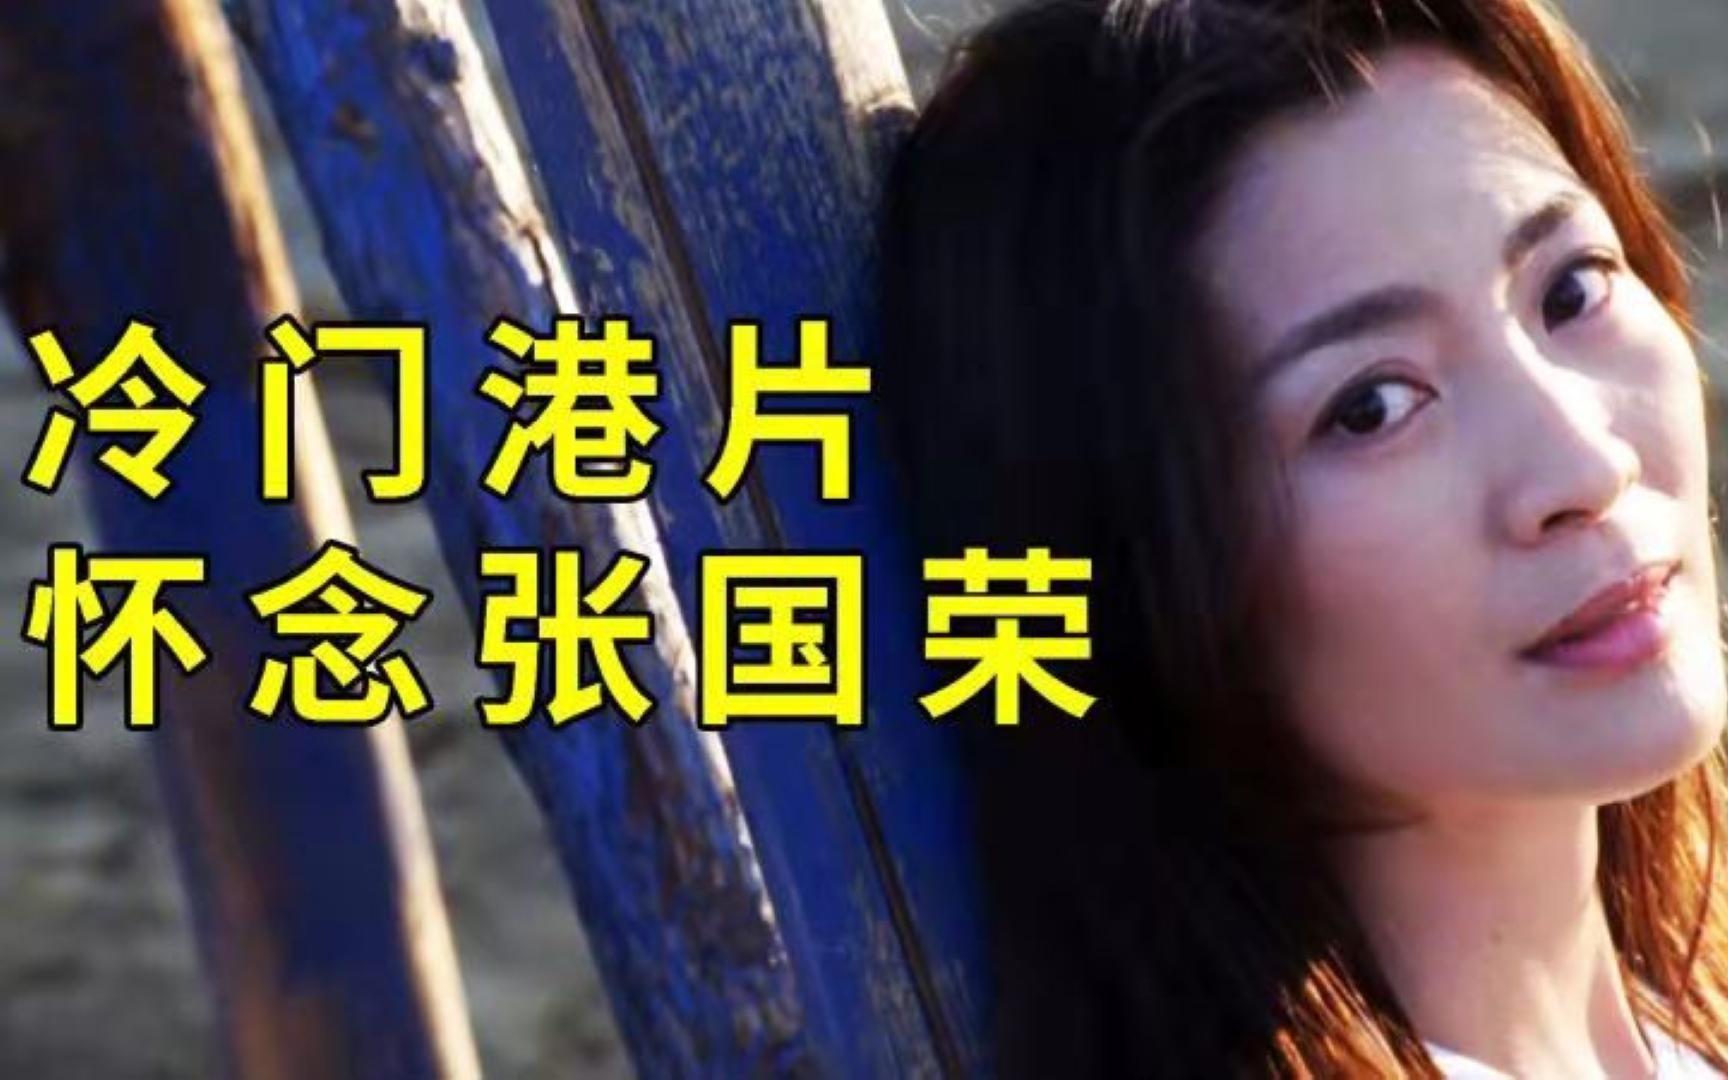 卧底警察遭组织出卖,一代日剧女王,情陷哥哥张国荣。